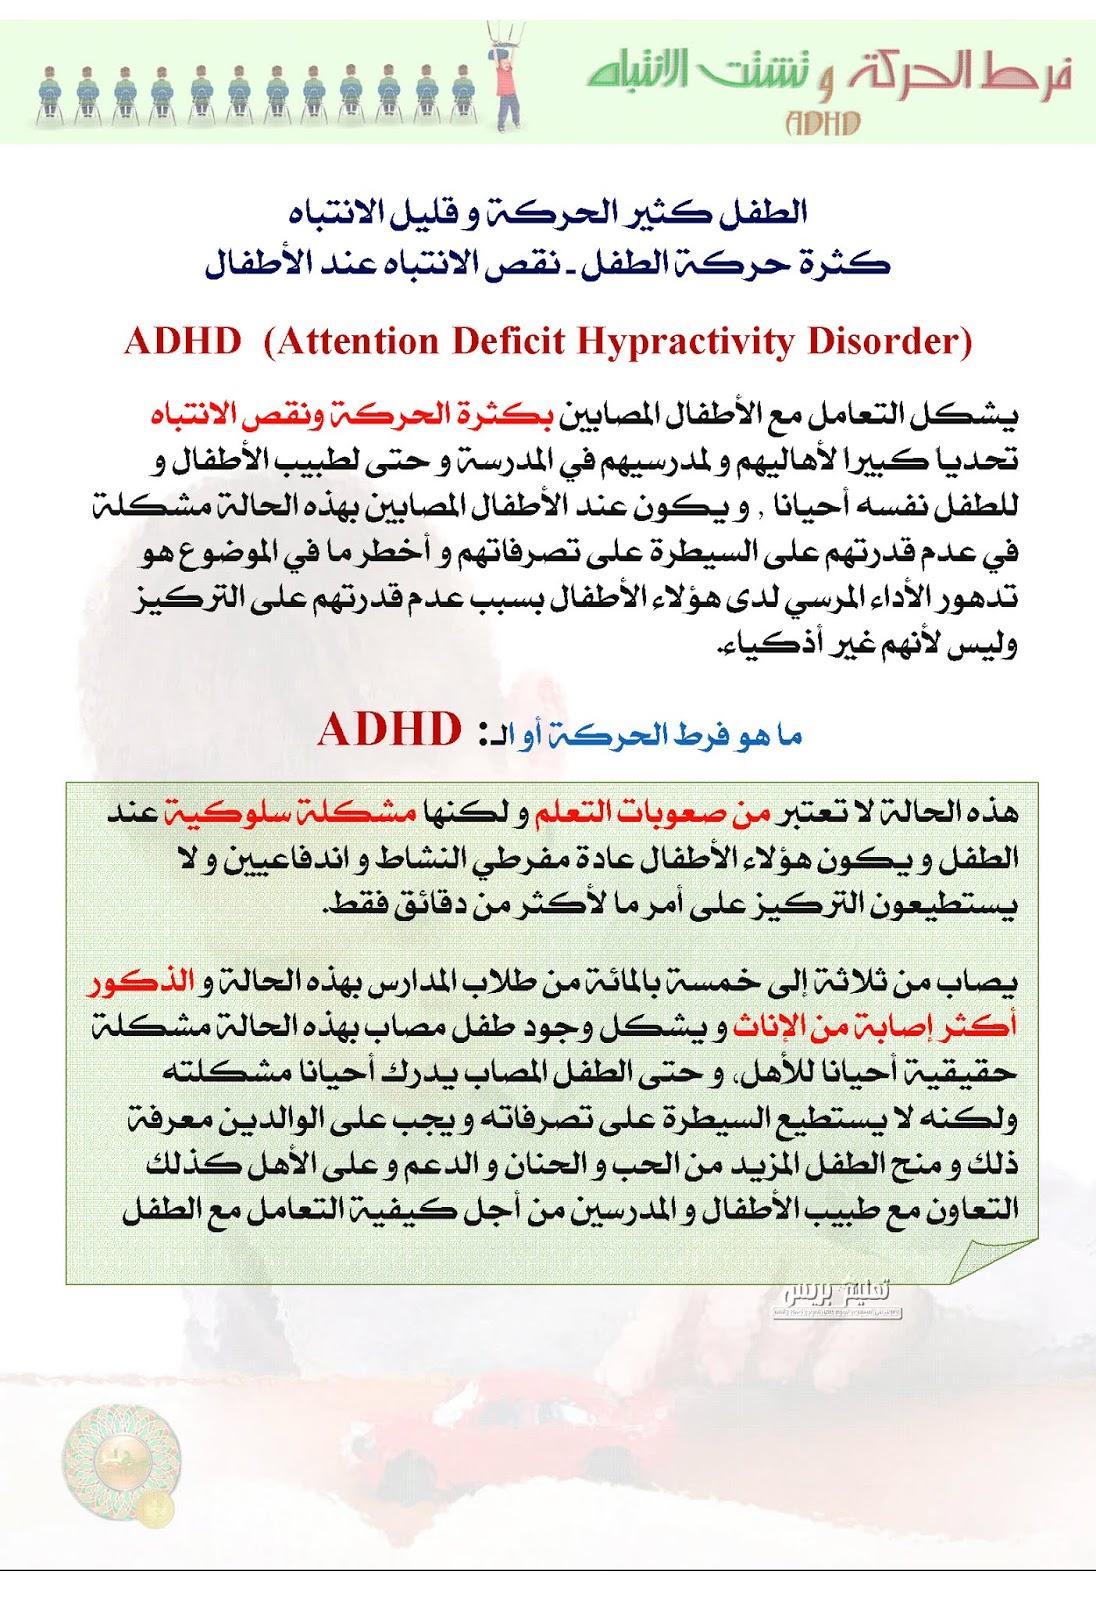 ماذا تعرف عن Adhd فرط الحركة وتشتت الانتباه عند الأطفال